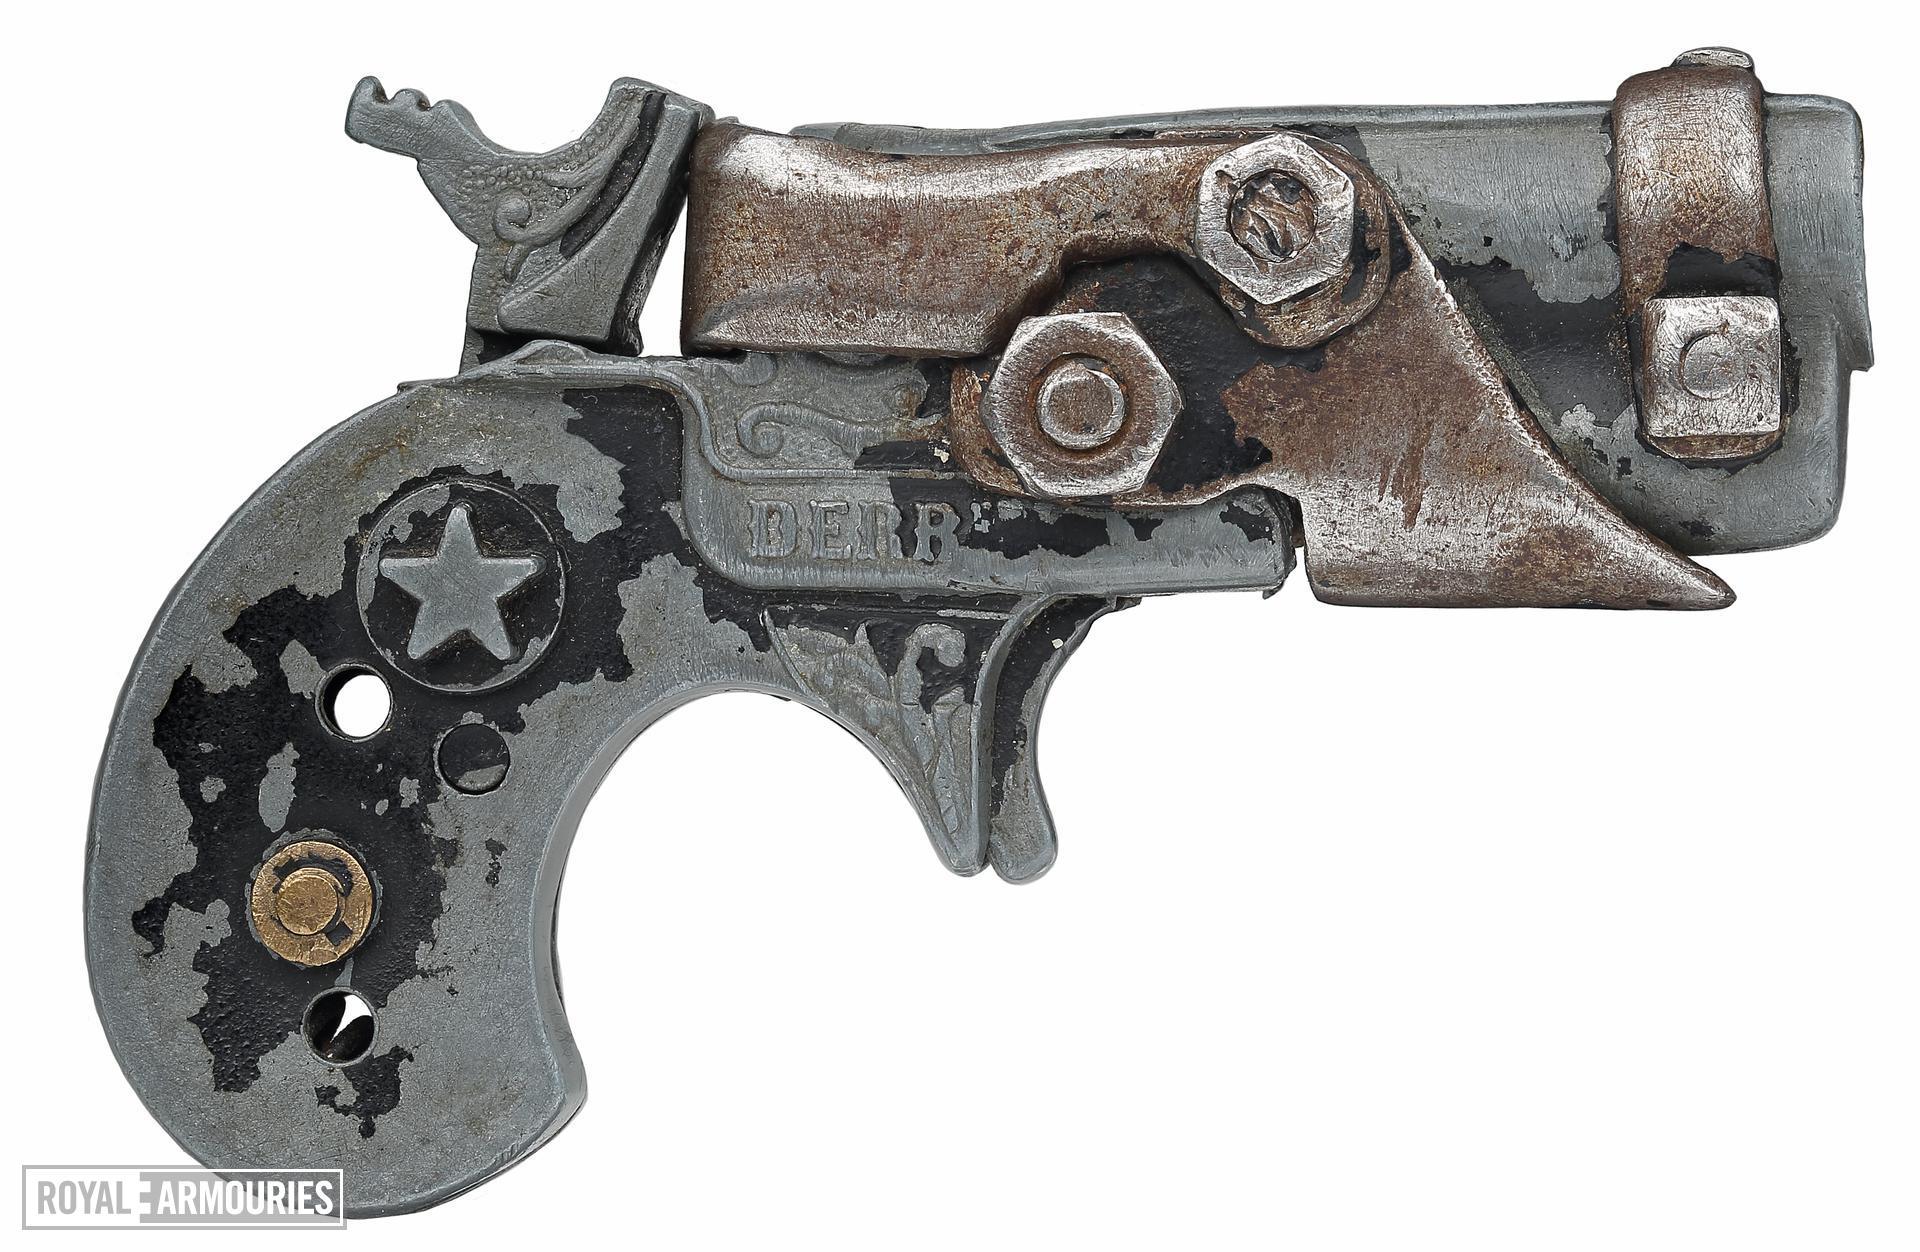 Rimfire breech-loading pistol - Homemade